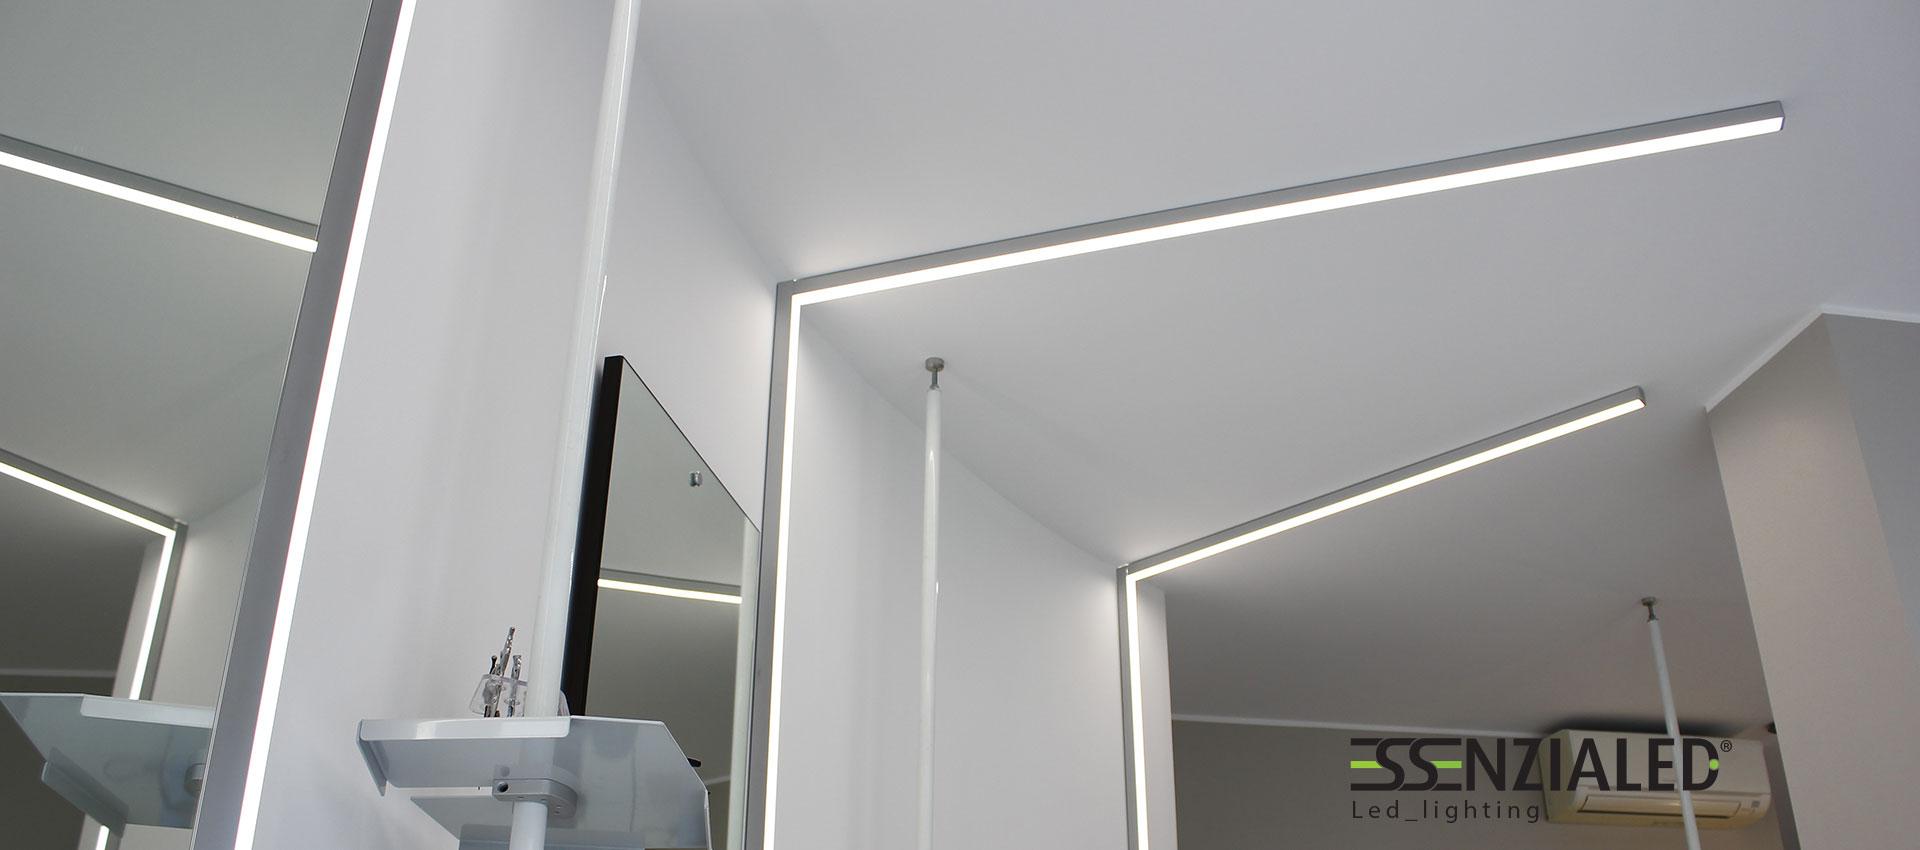 Illuminazione led parrucchieriessenzialed illuminazione a led - Luci a led per interni casa ...